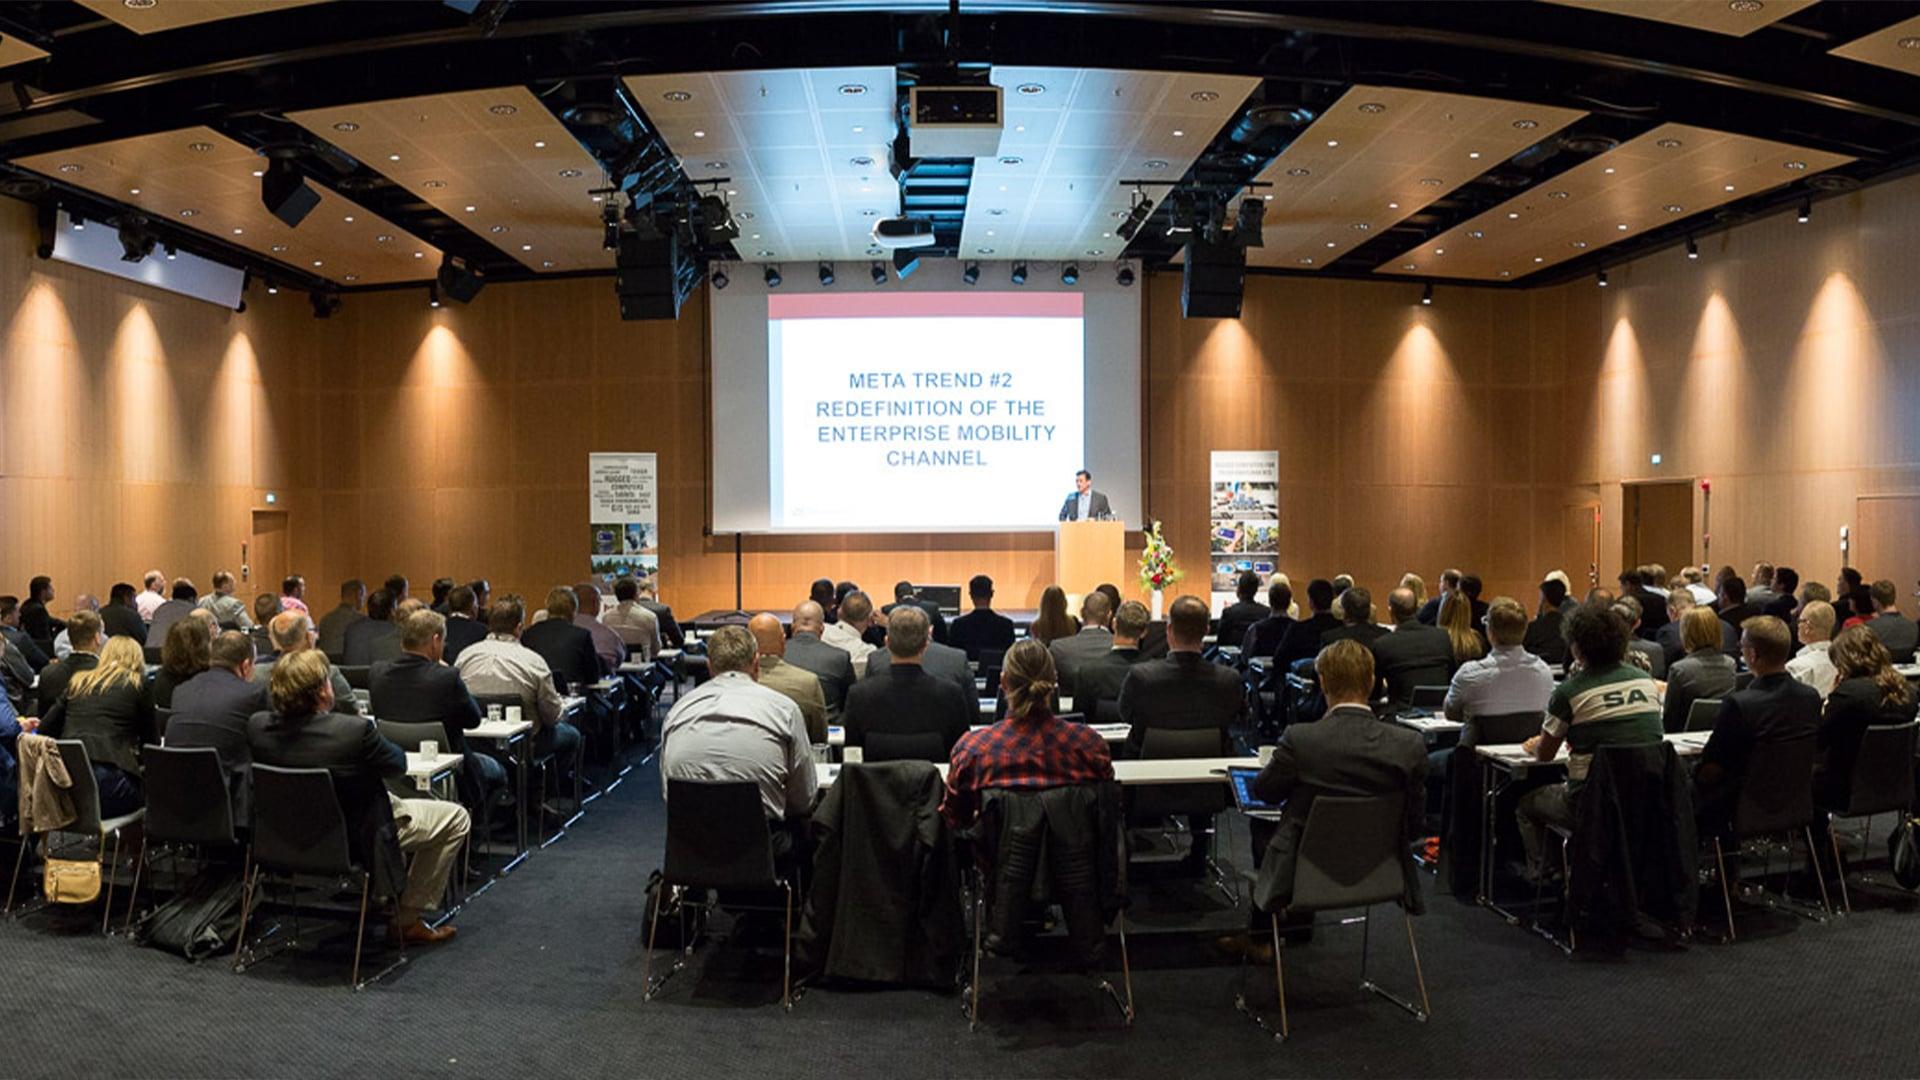 handheld business partner conference keynote